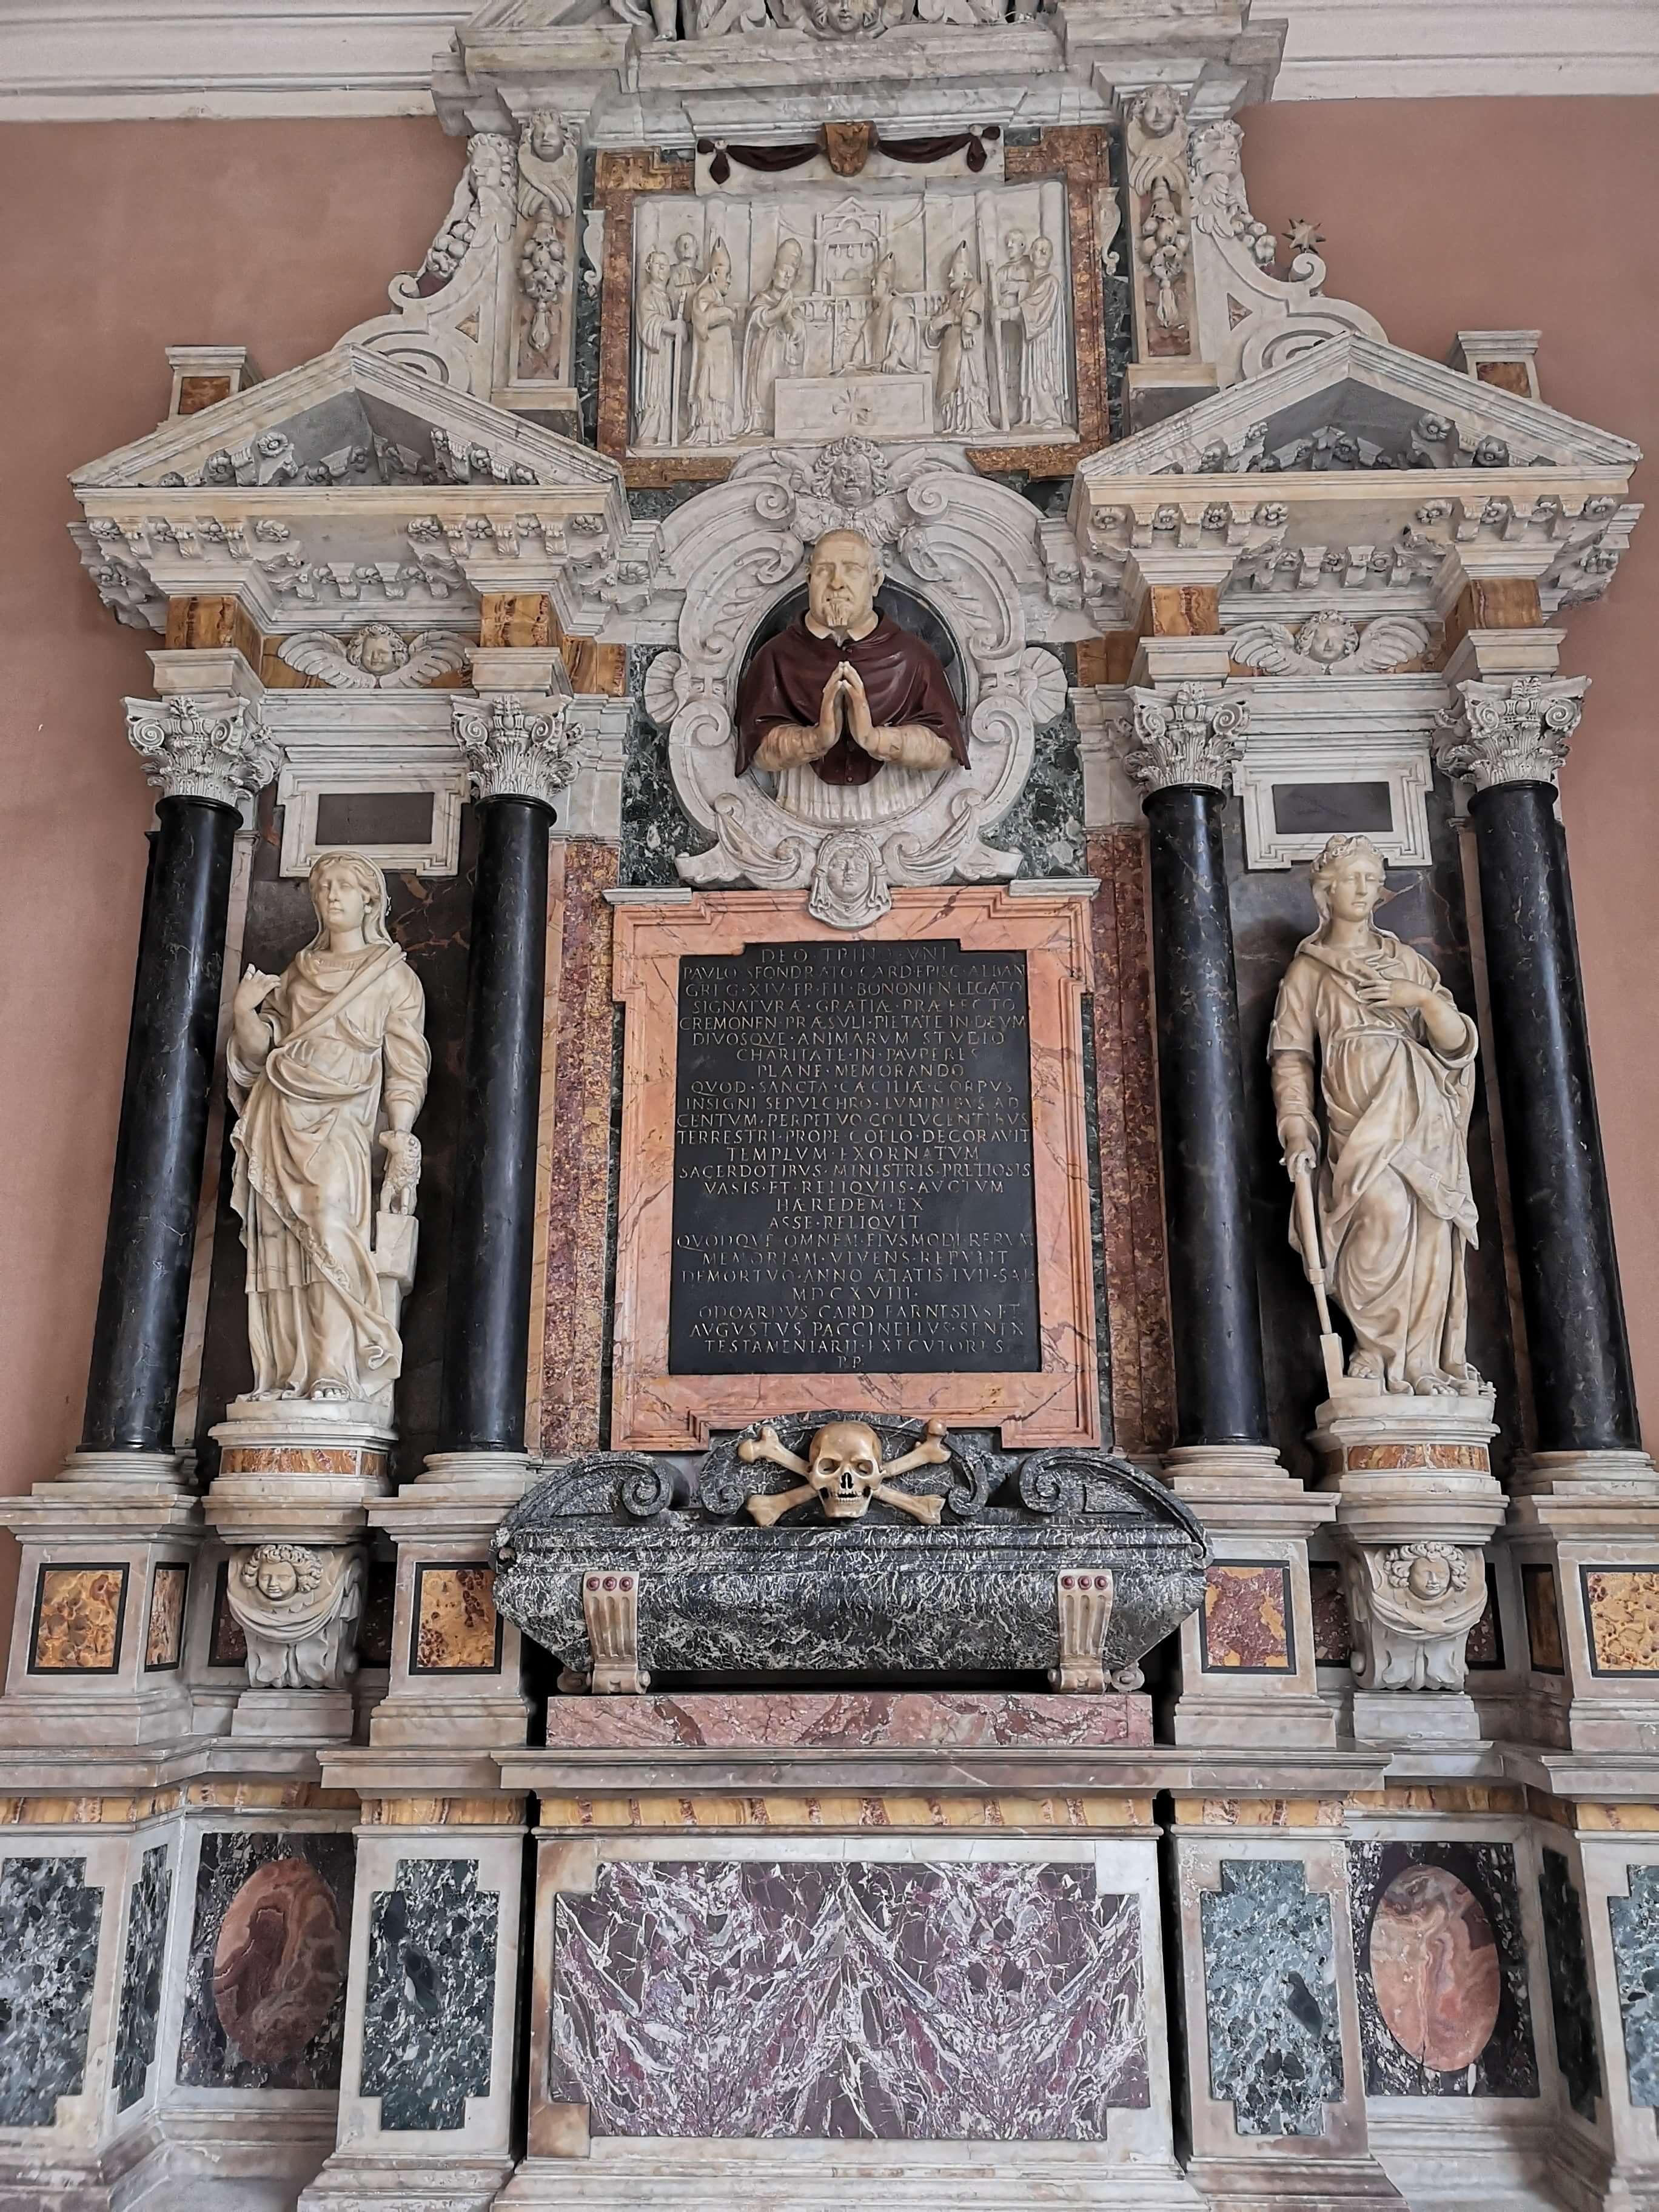 The Tomb of Paolo Sfondrato